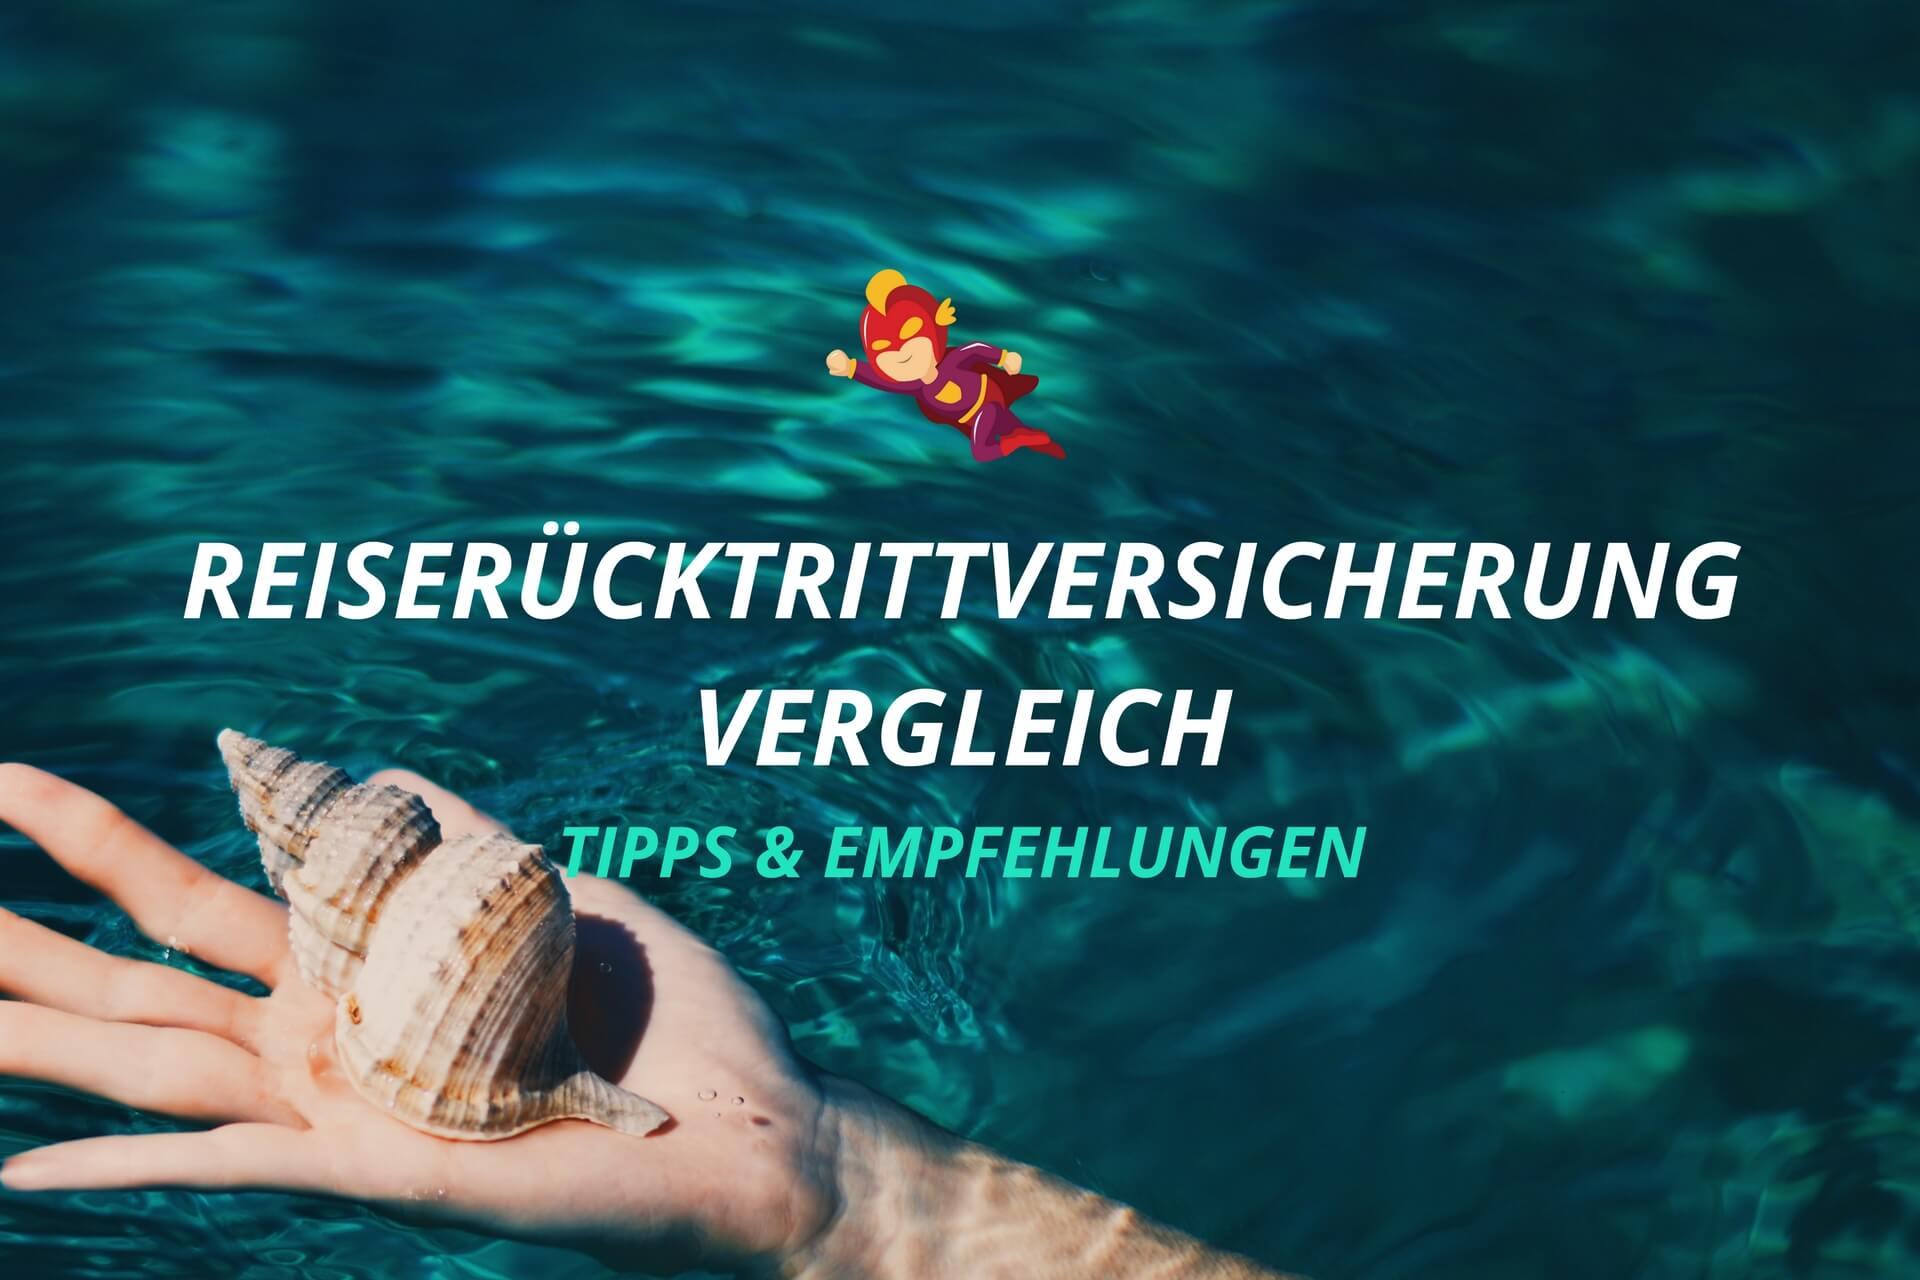 Reiserücktrittversicherung Vergleich - Finanzhelden.org